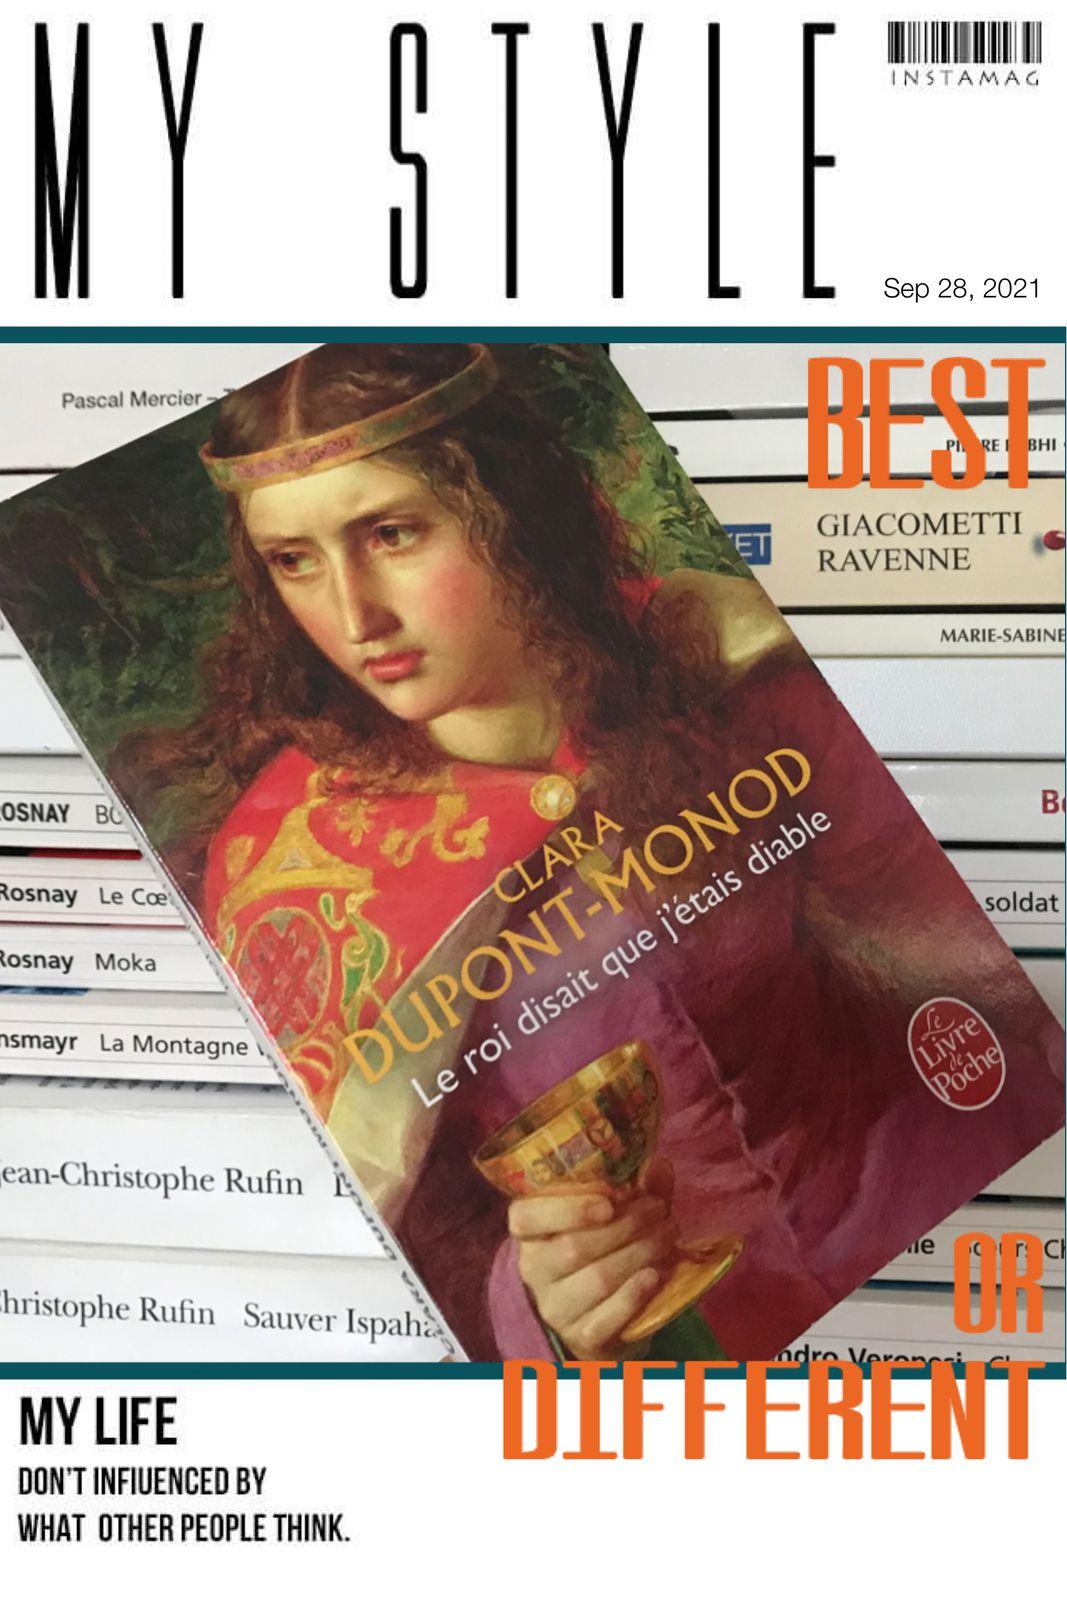 Le roi disait que j'étais diable de Clara DUPONT-MONOD